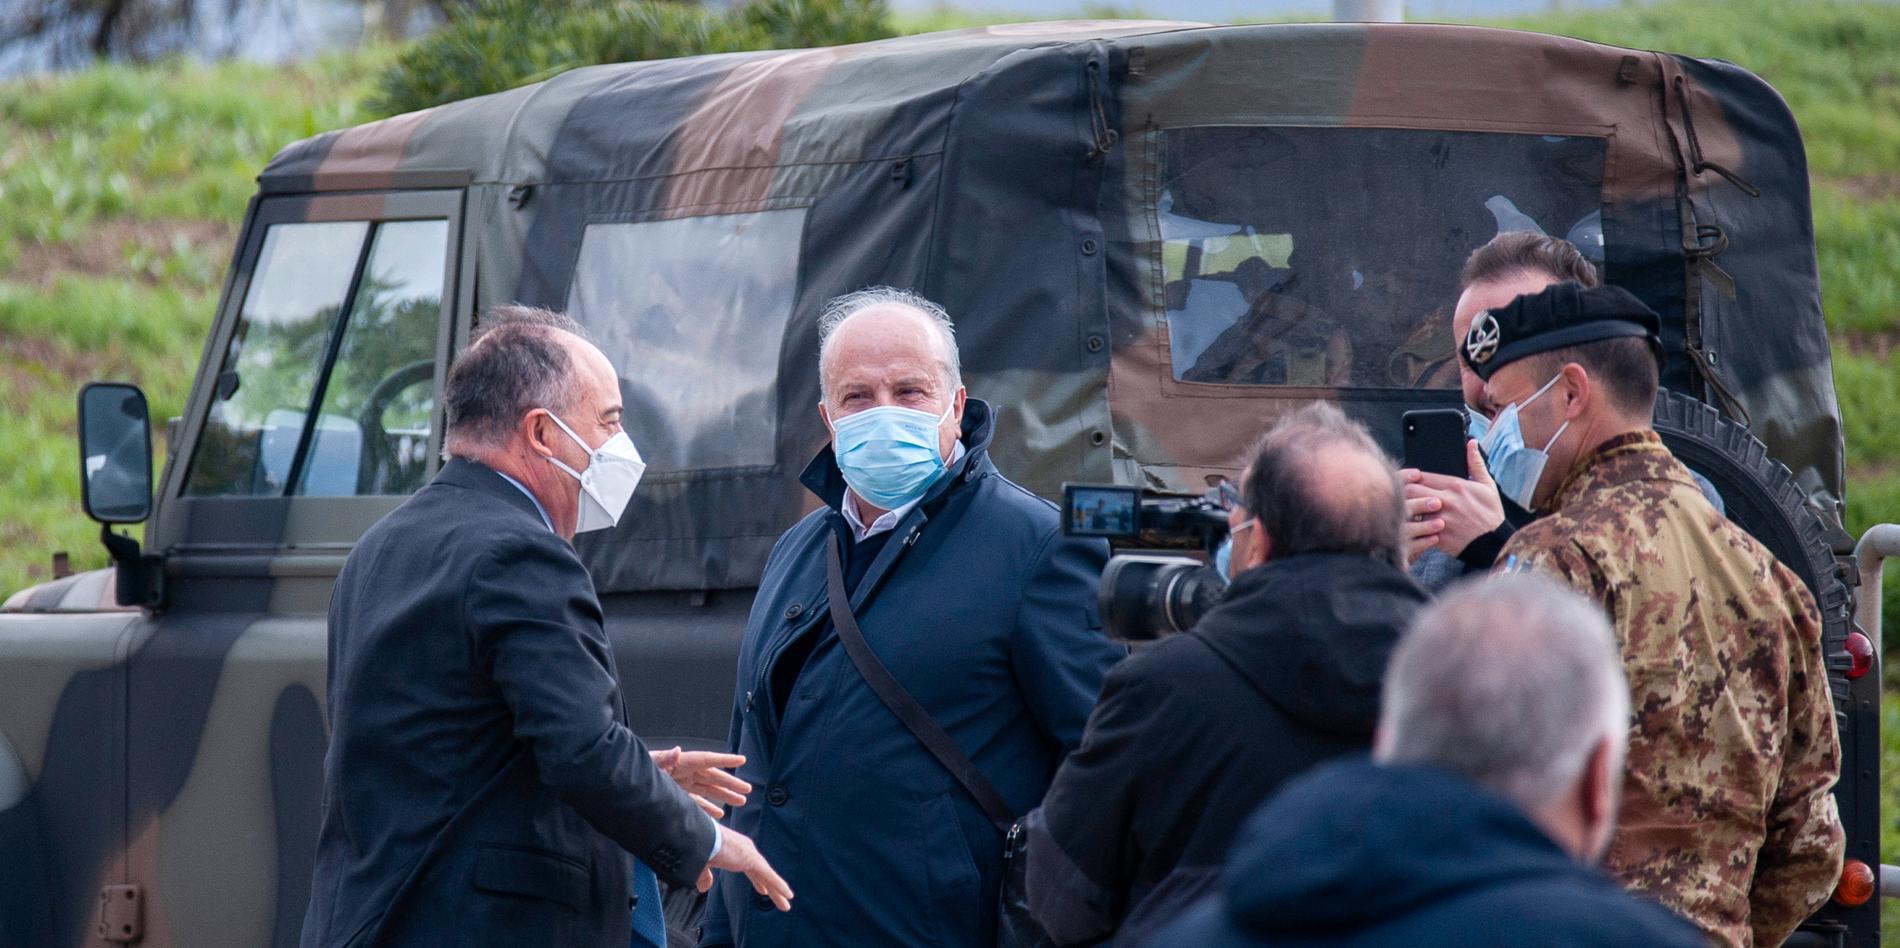 Åklagare Nicola Gratteri, till vänster, är en av de som leder kriget mot maffian i Italien.